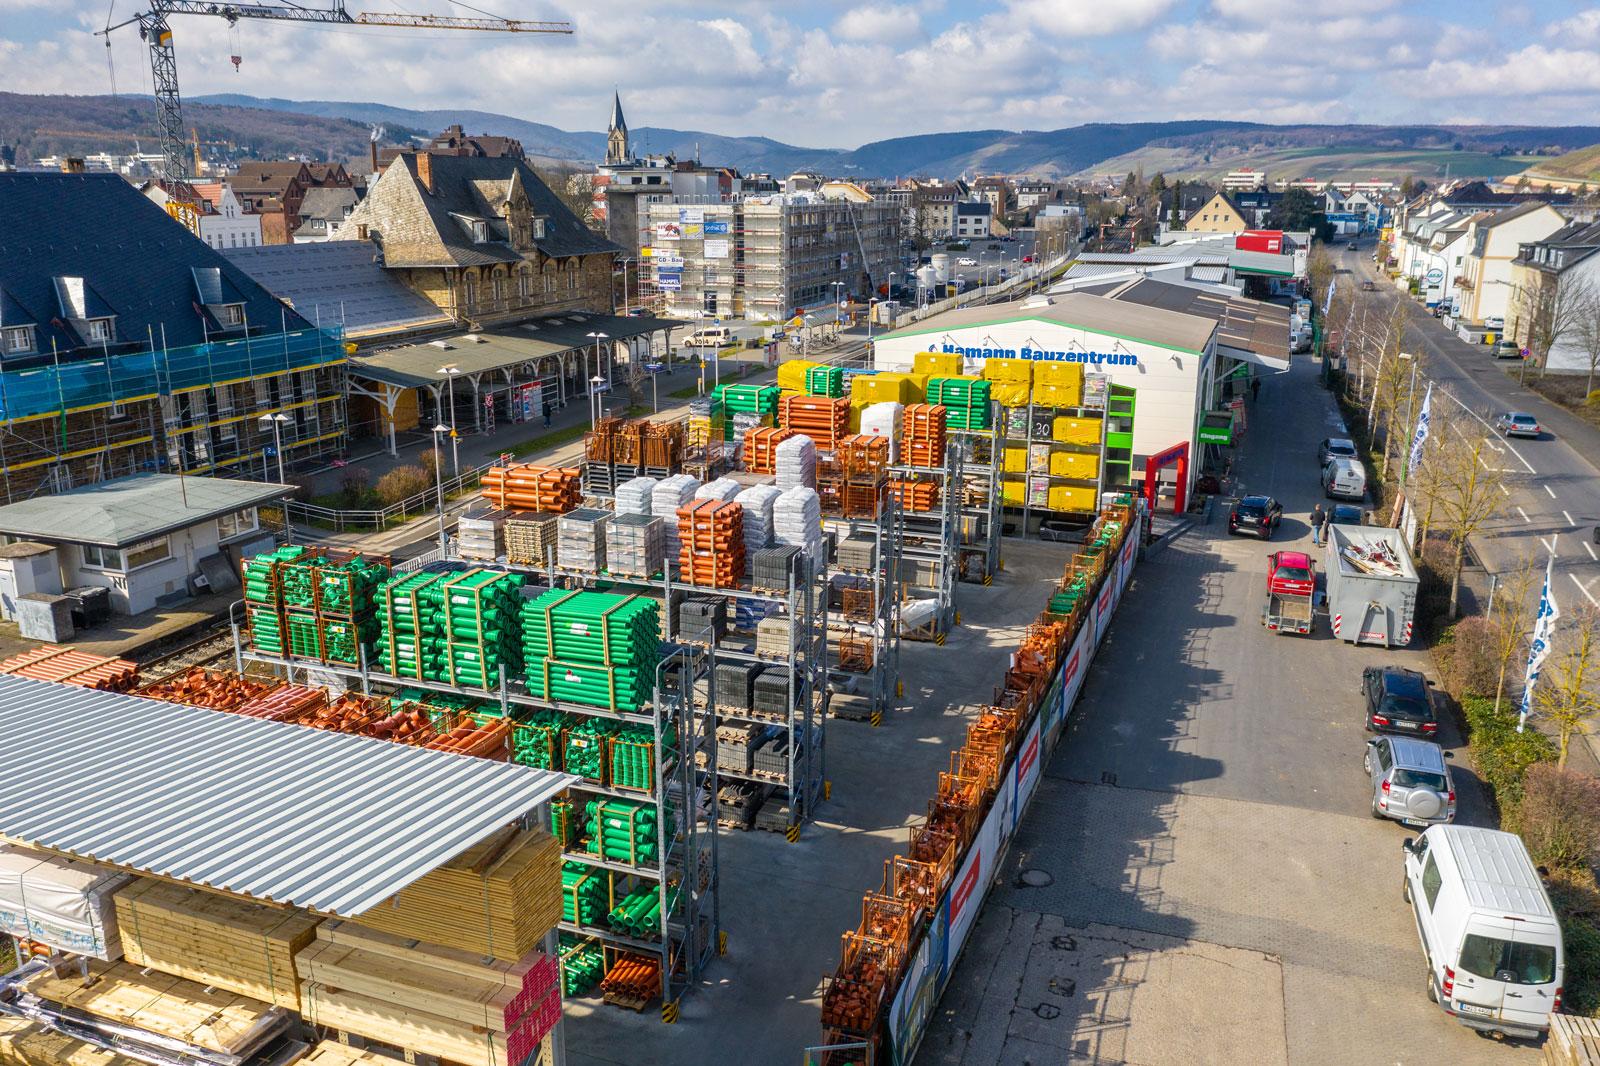 Bad Neuenahr Hamann Bauzentrum